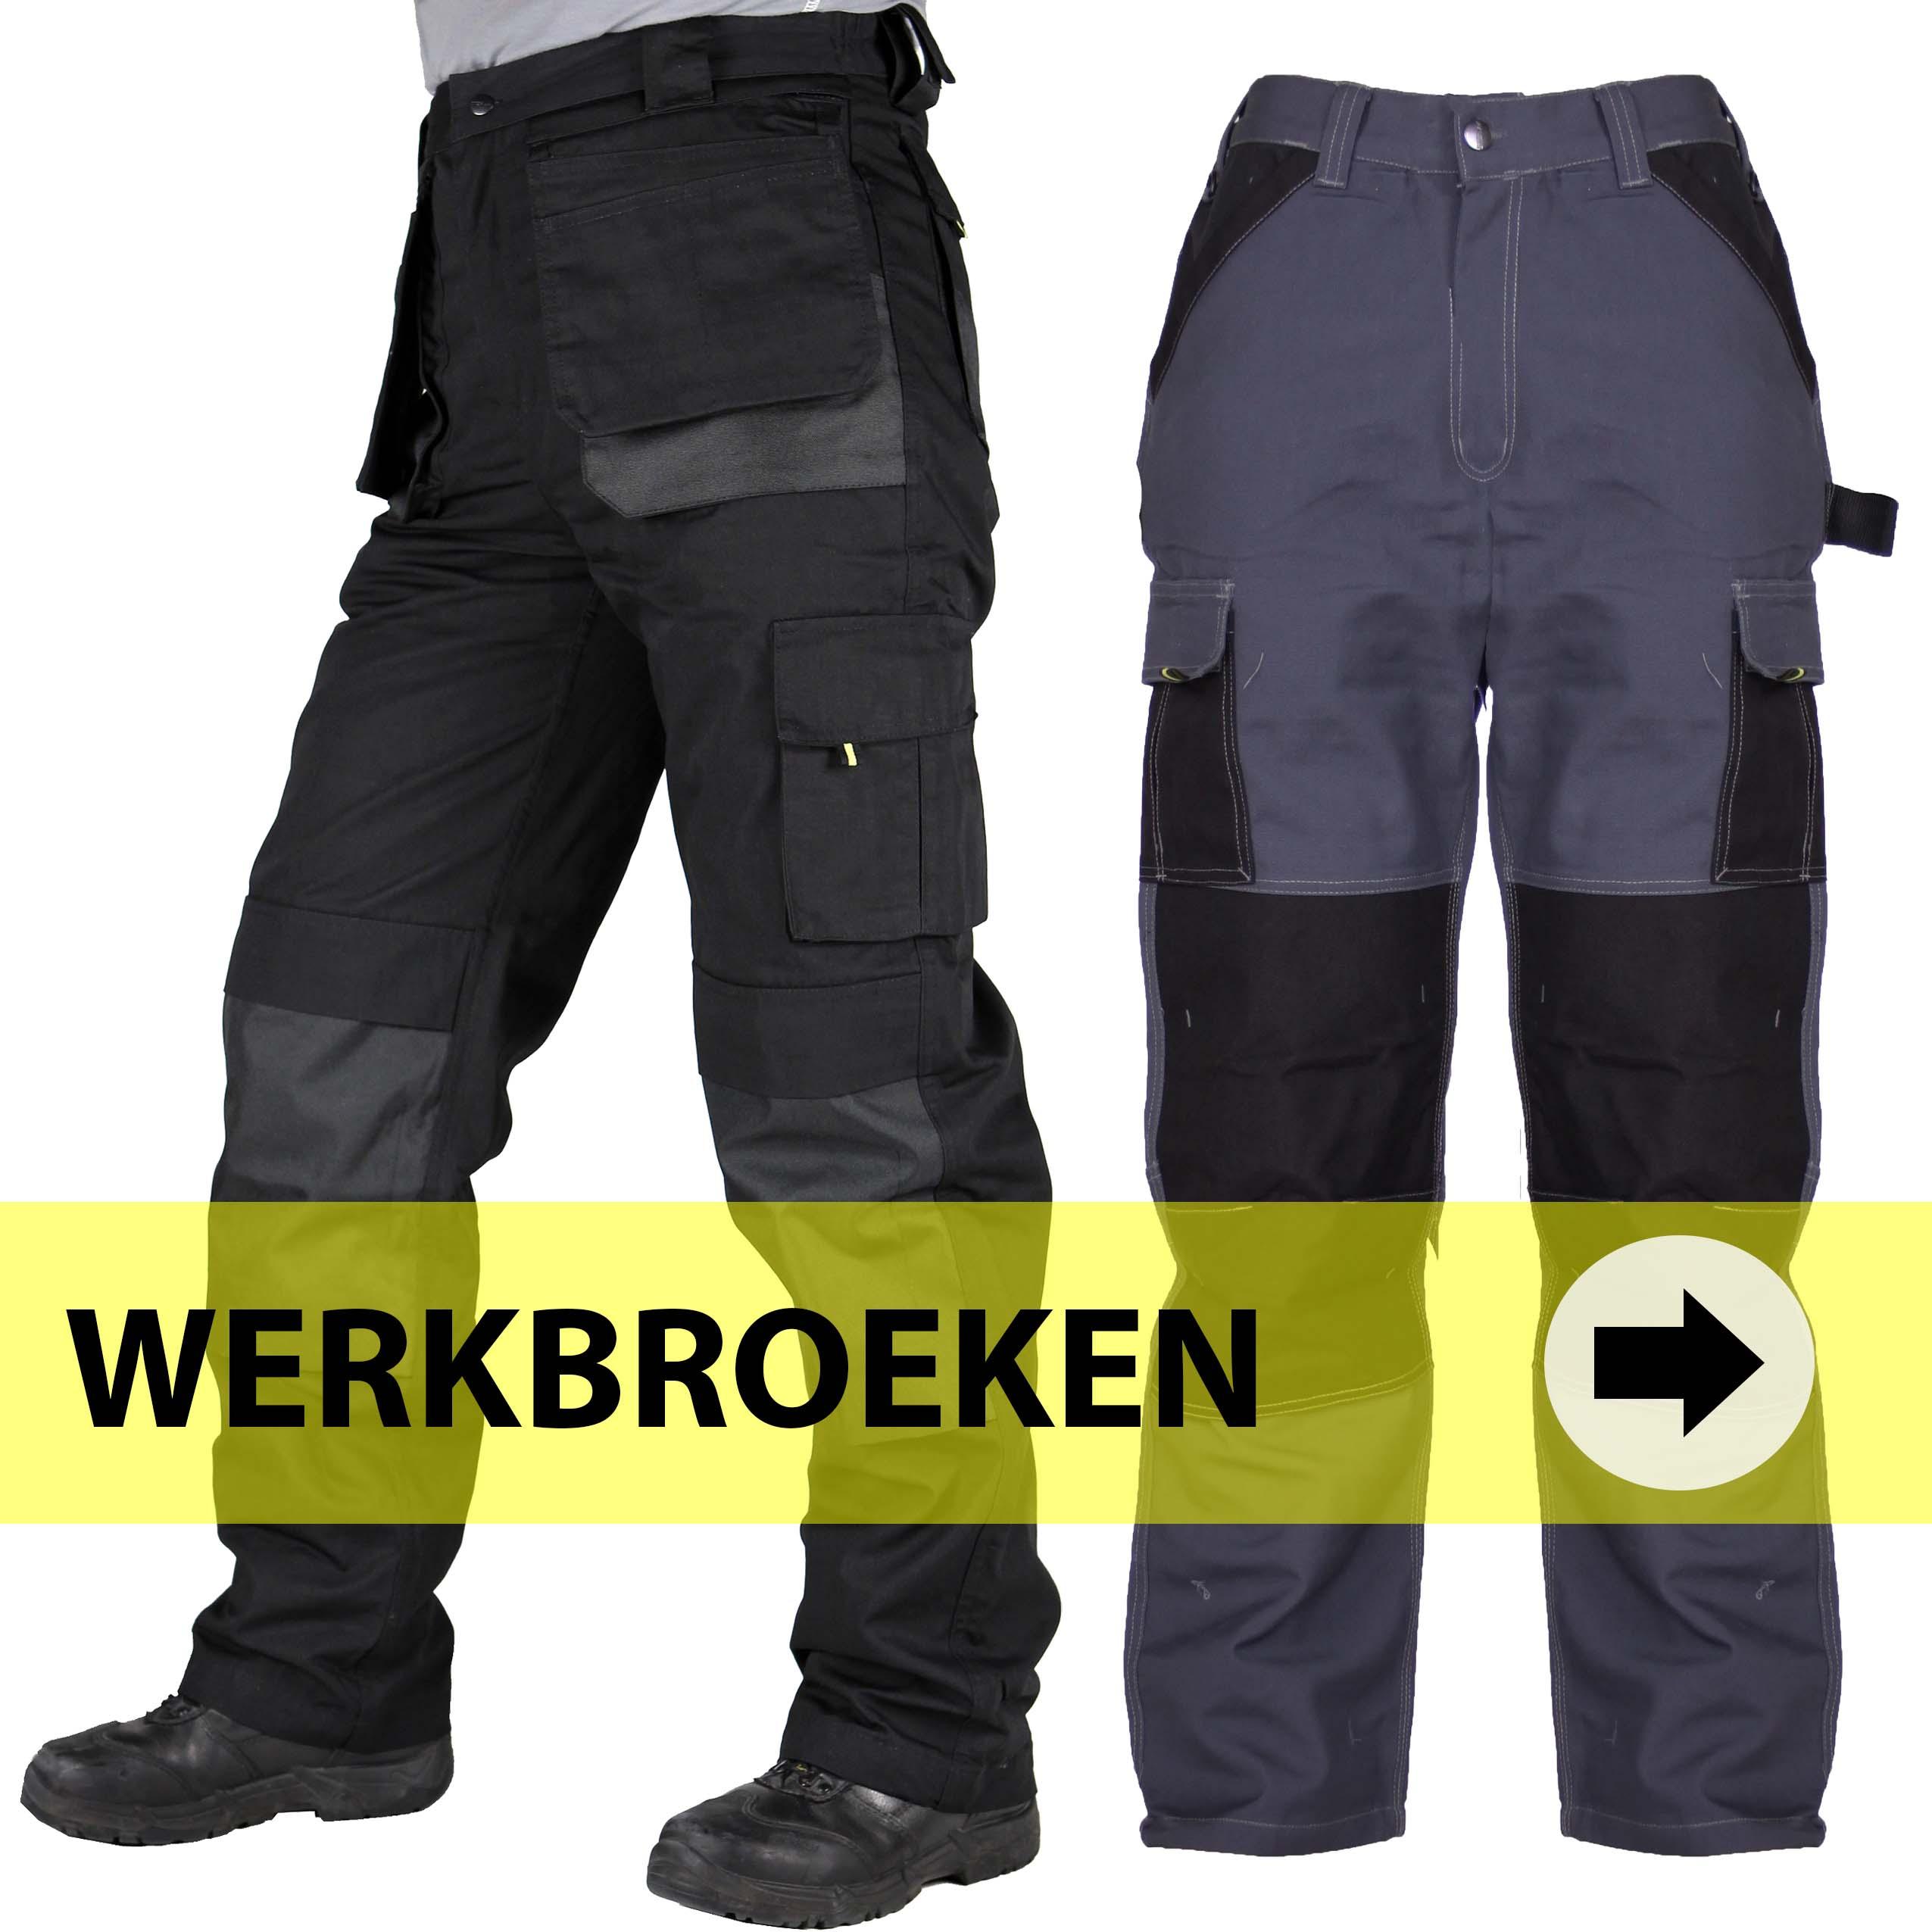 Werkbroek kopen? Bekijk de online collectie Storvik werkbroeken hier!